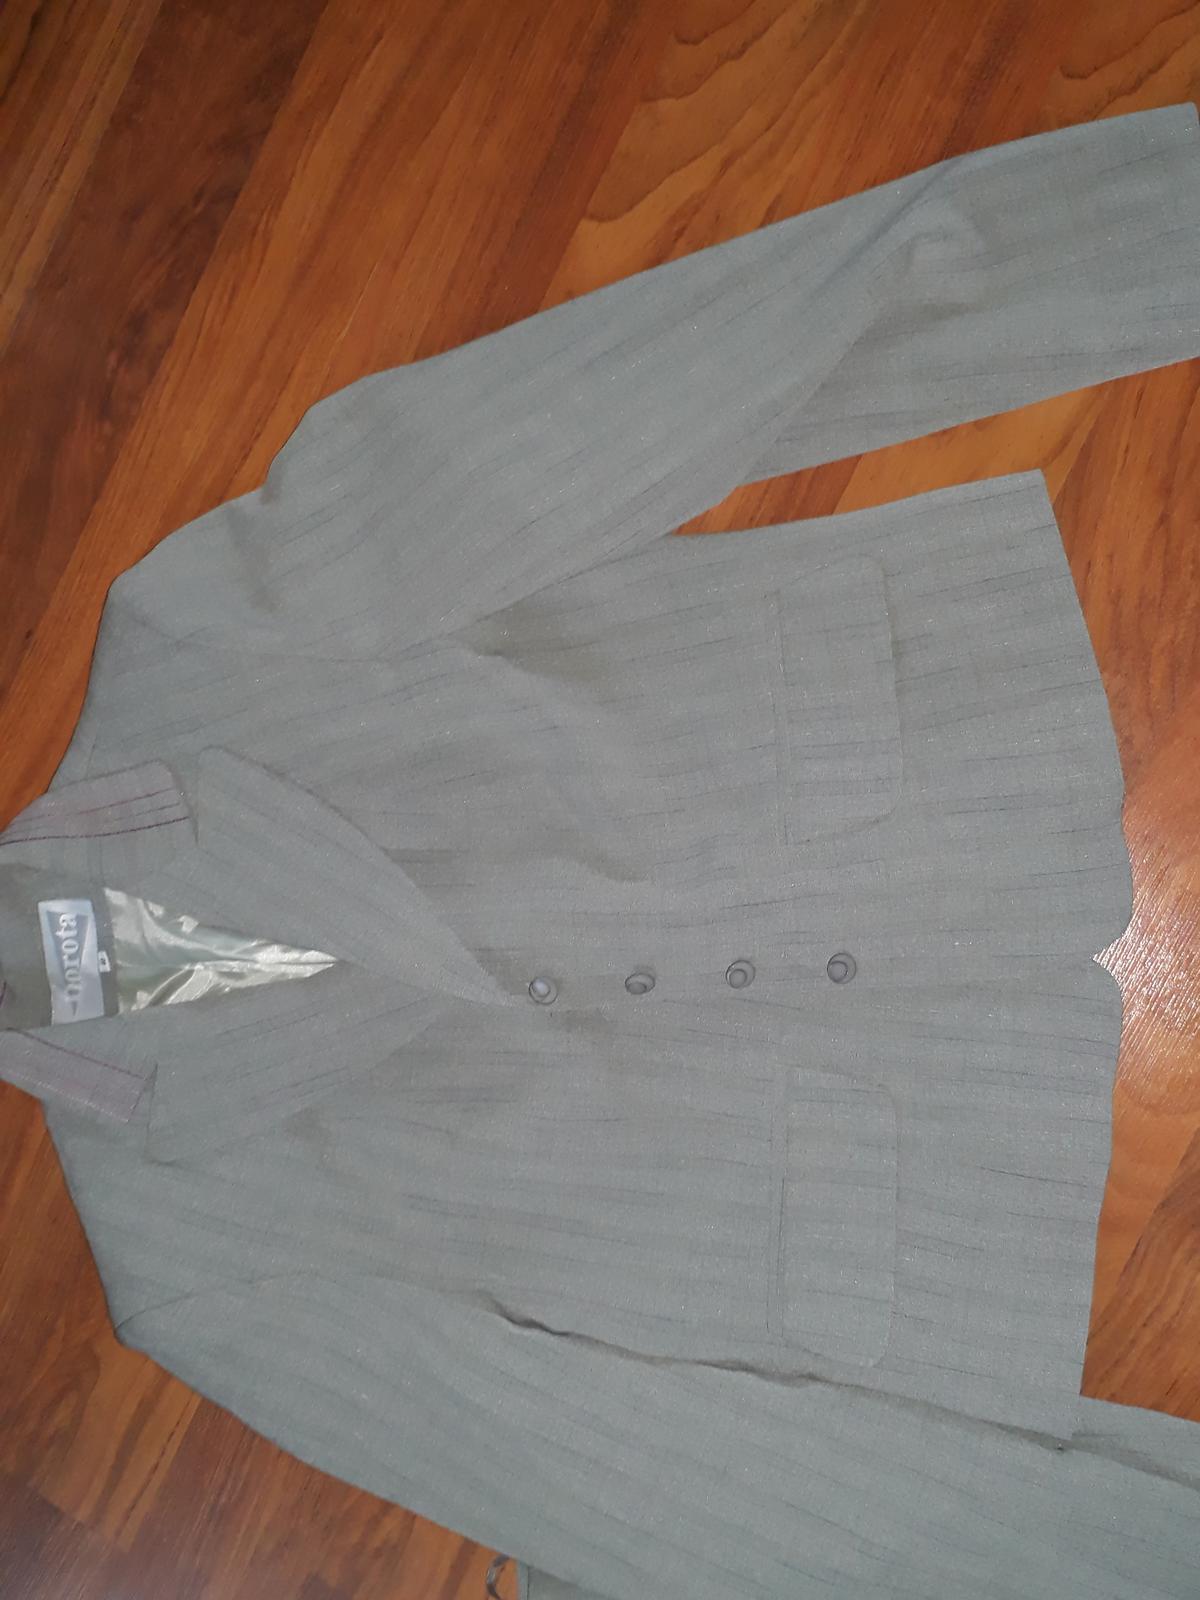 dámský kostým sukně a sako, vel 40 - Obrázek č. 3